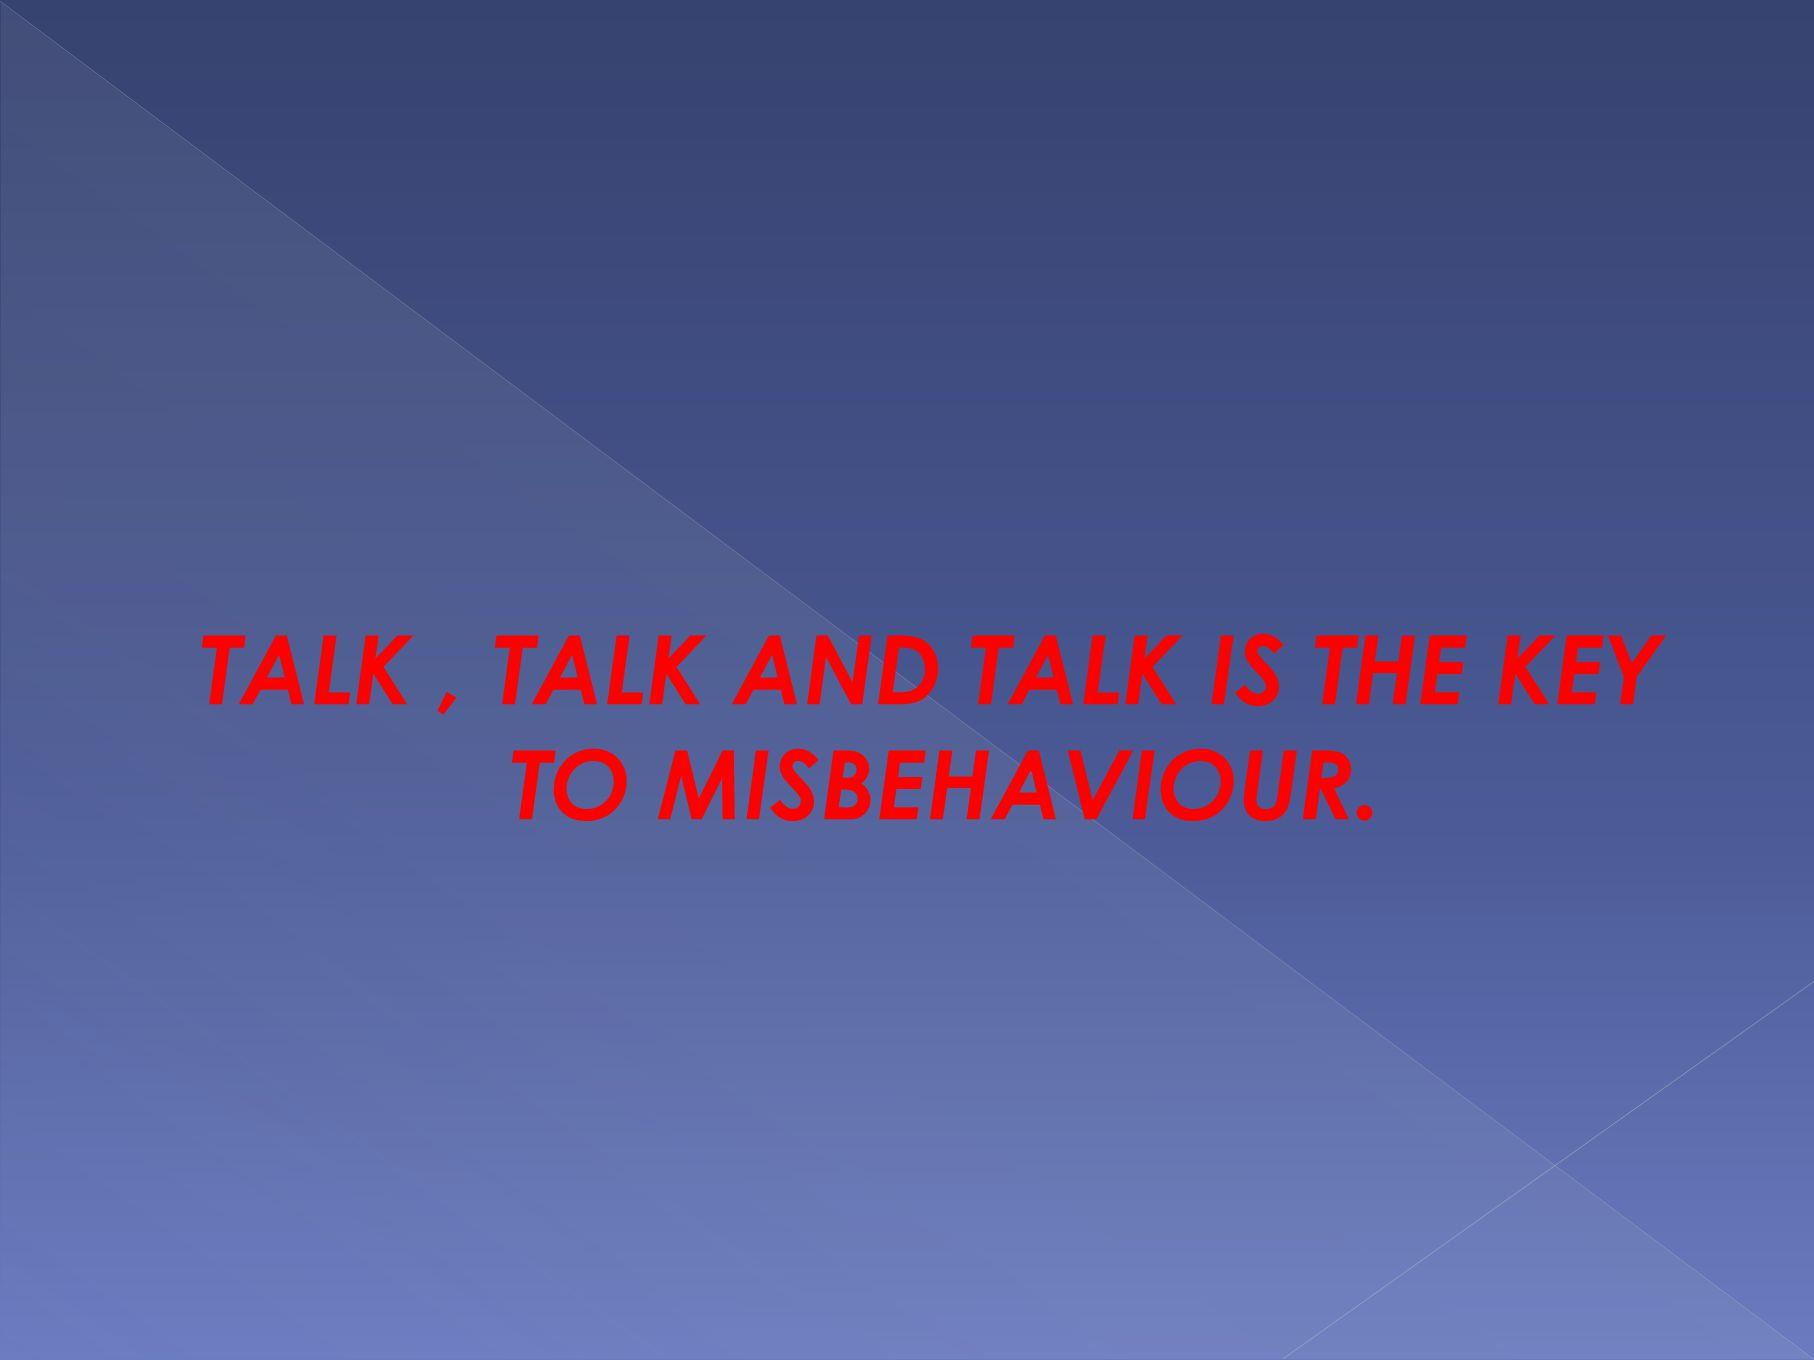 TALK, TALK AND TALK IS THE KEY TO MISBEHAVIOUR.